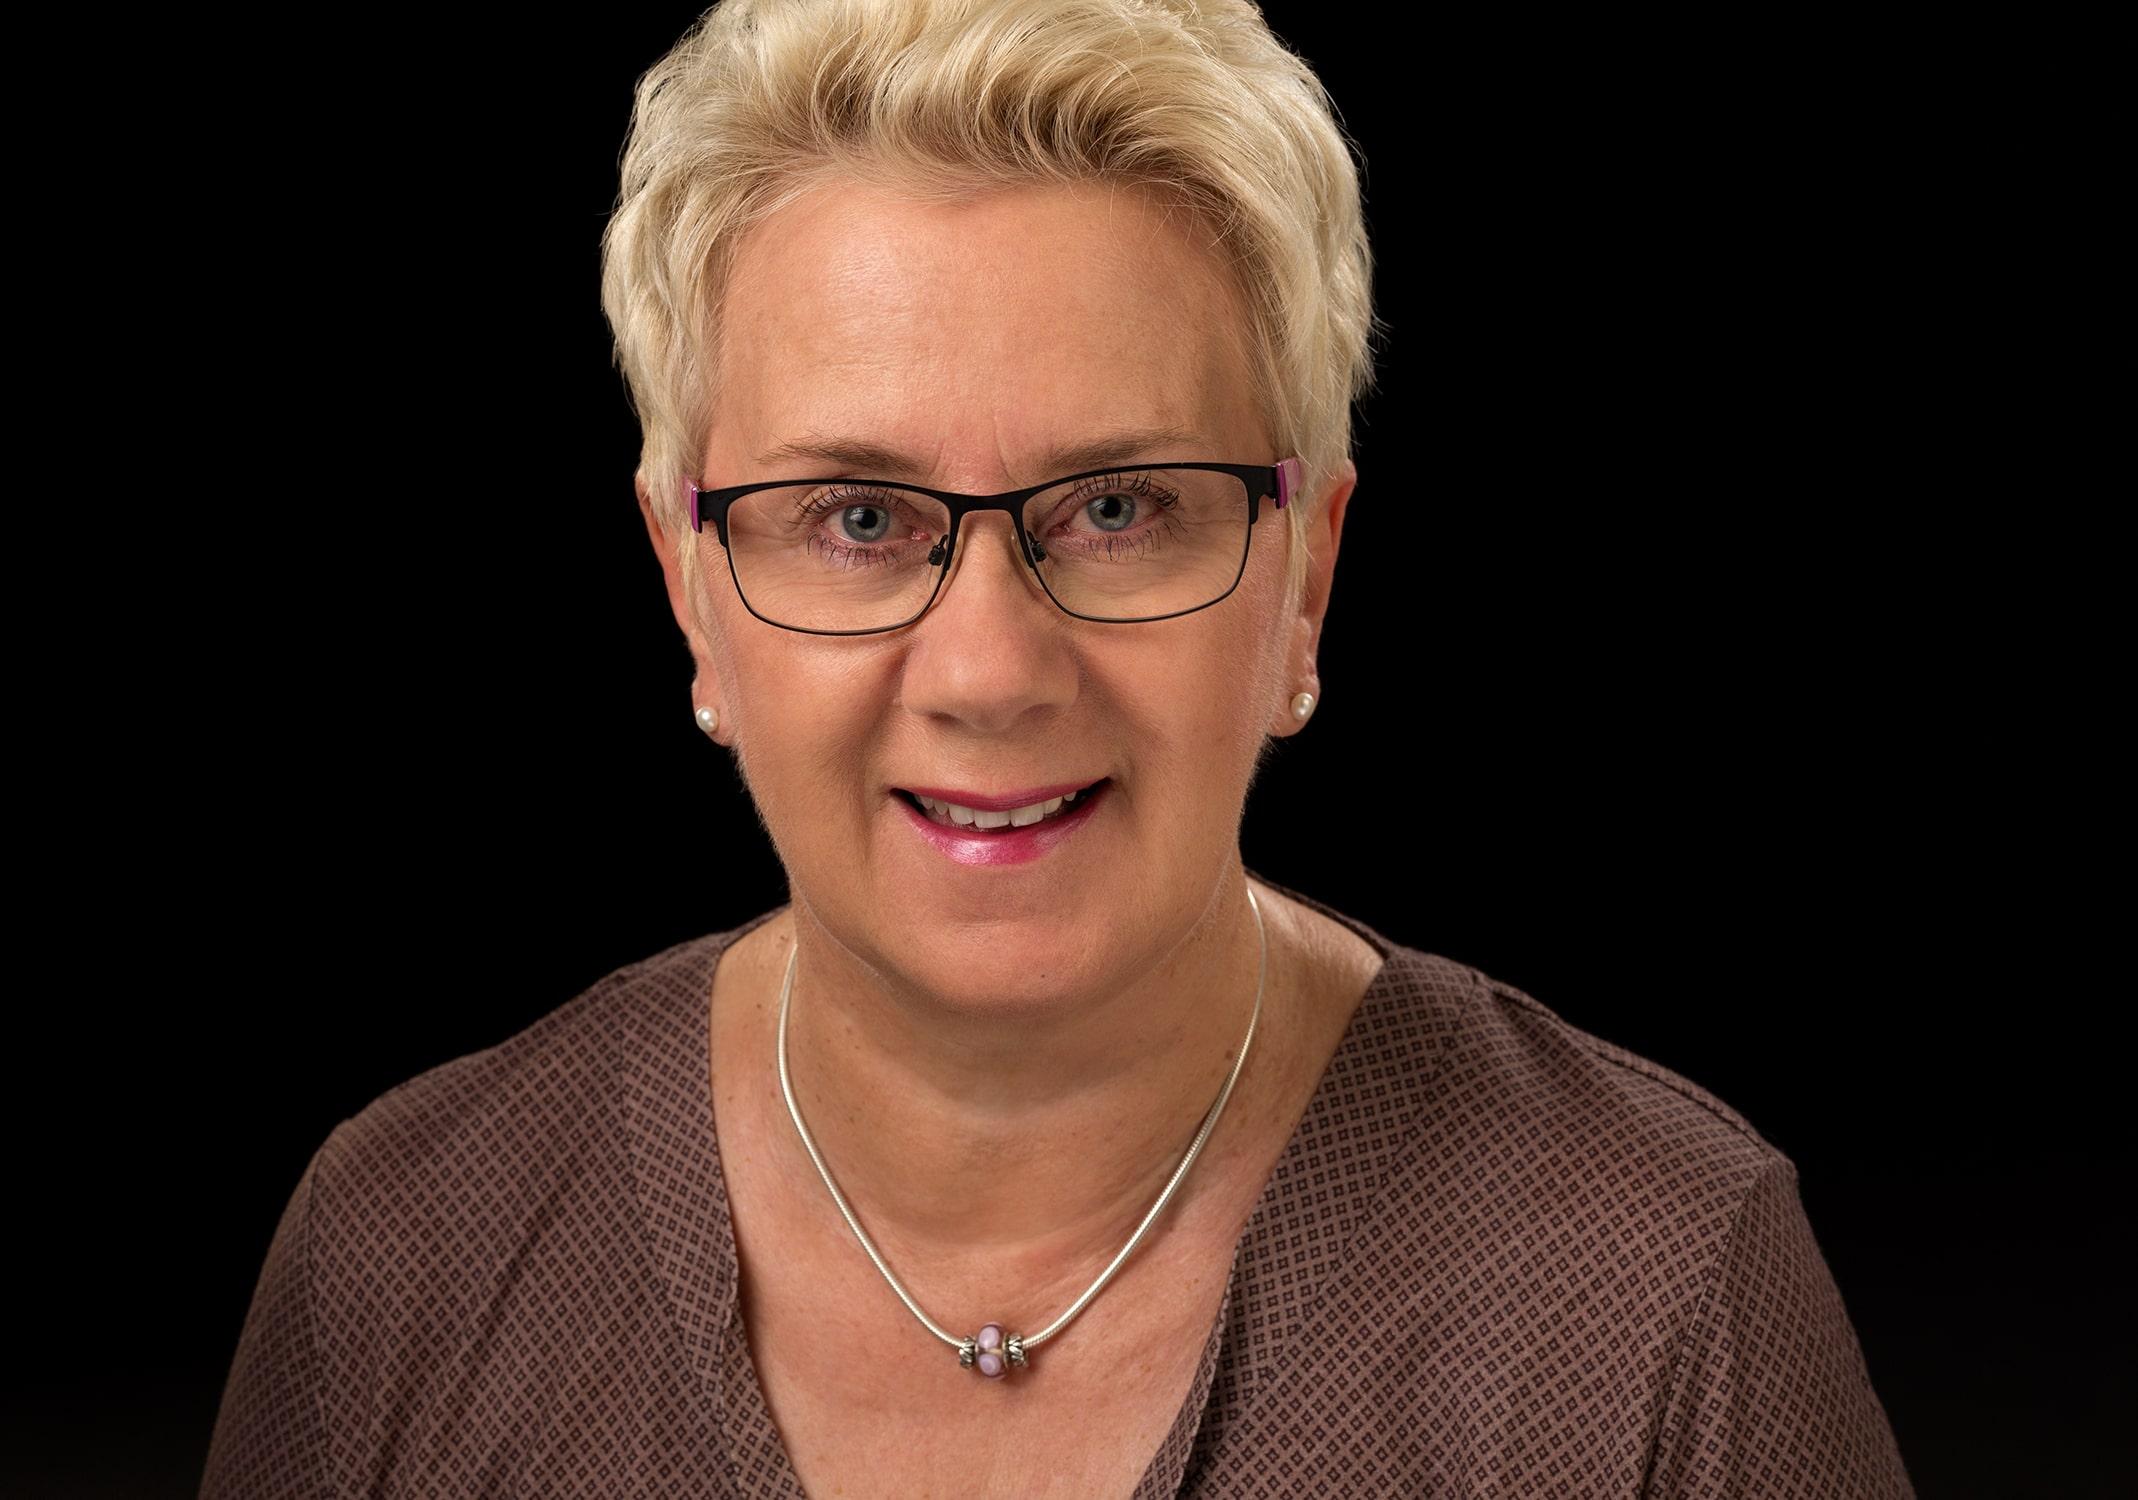 Susanne Wilkens, Ihre Immobilienmaklerin im Landkreis Harburg, gibt gern Tipps zum Thema Umzug.